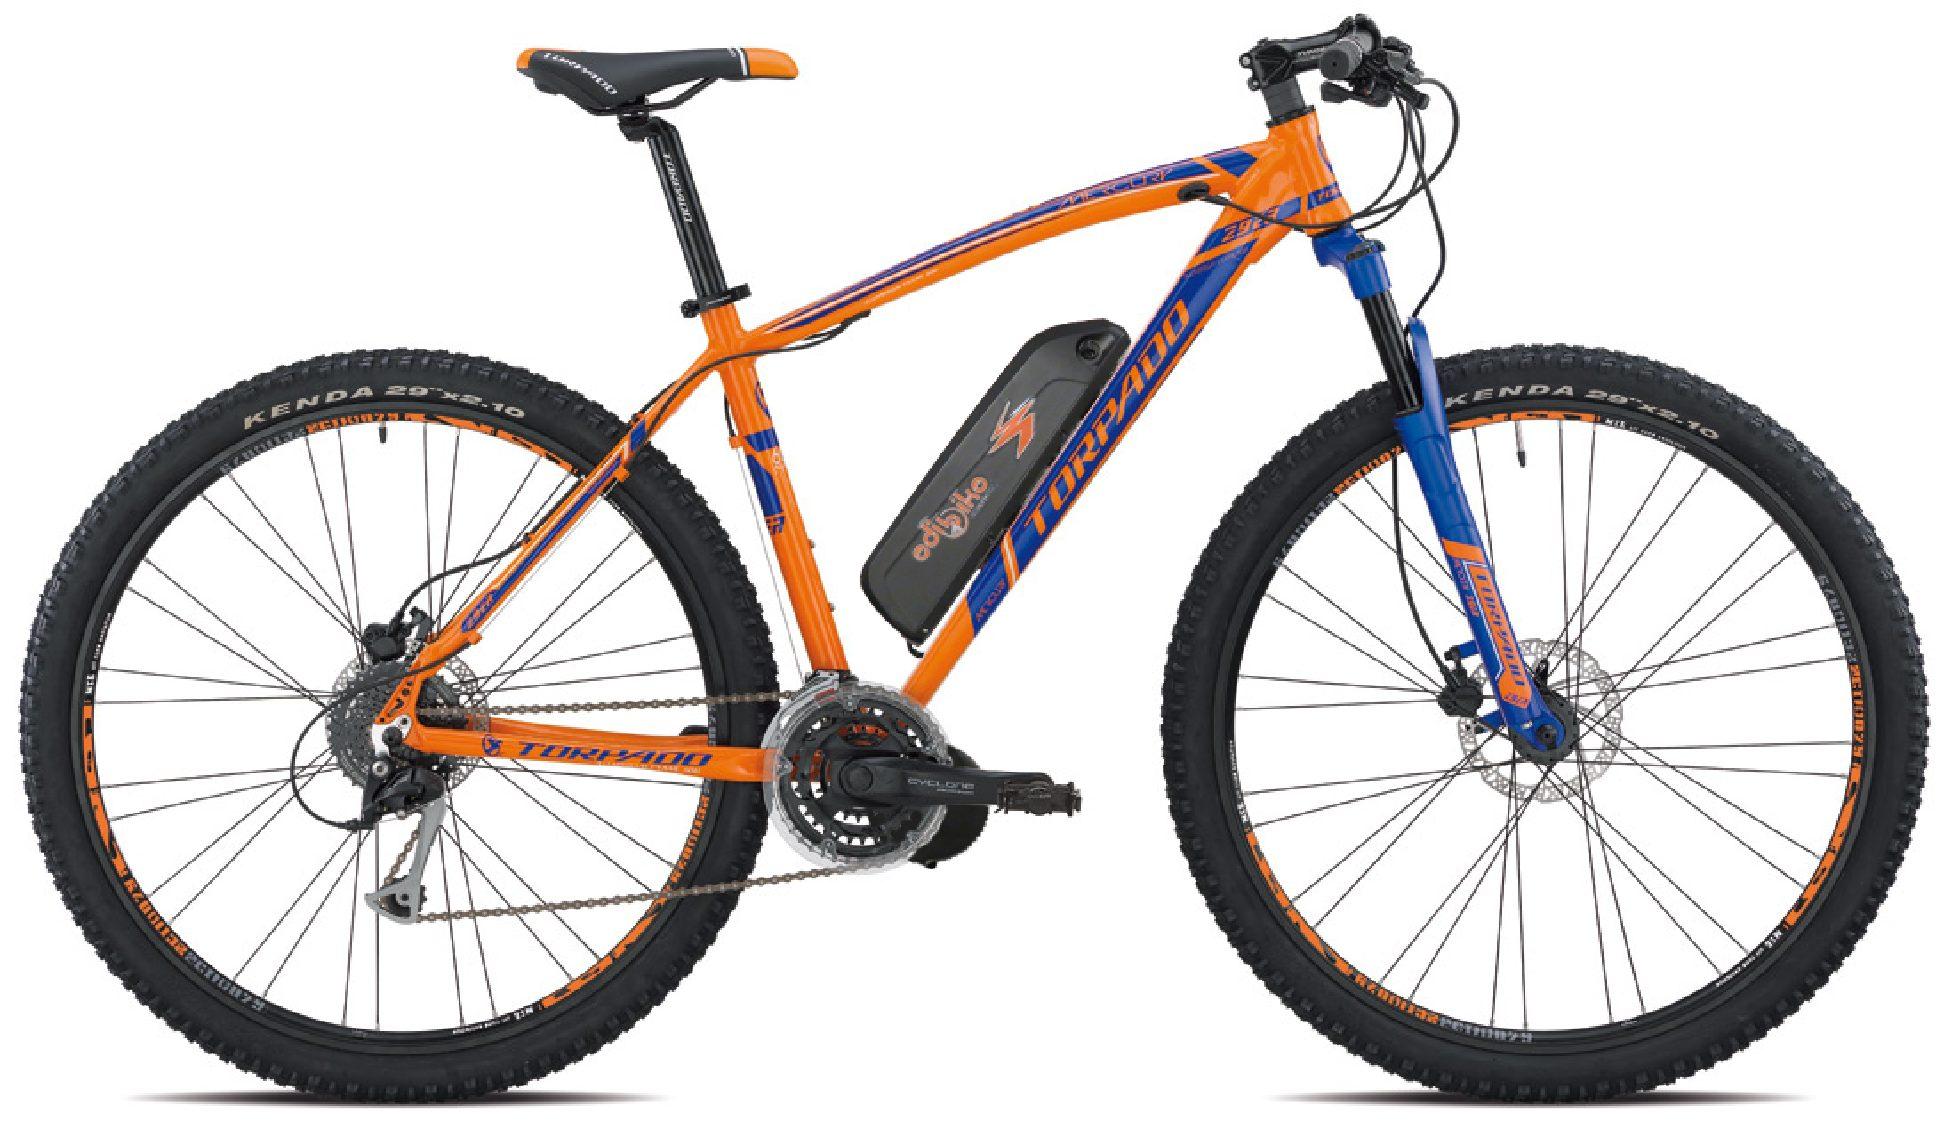 Bici Elettrica  MTB TORPADO  URANOS  29  kit motore centrale  da  500 watt  a 750 watt  a 1000 watt  coppia da 100 a 160 Nm a partire  da :